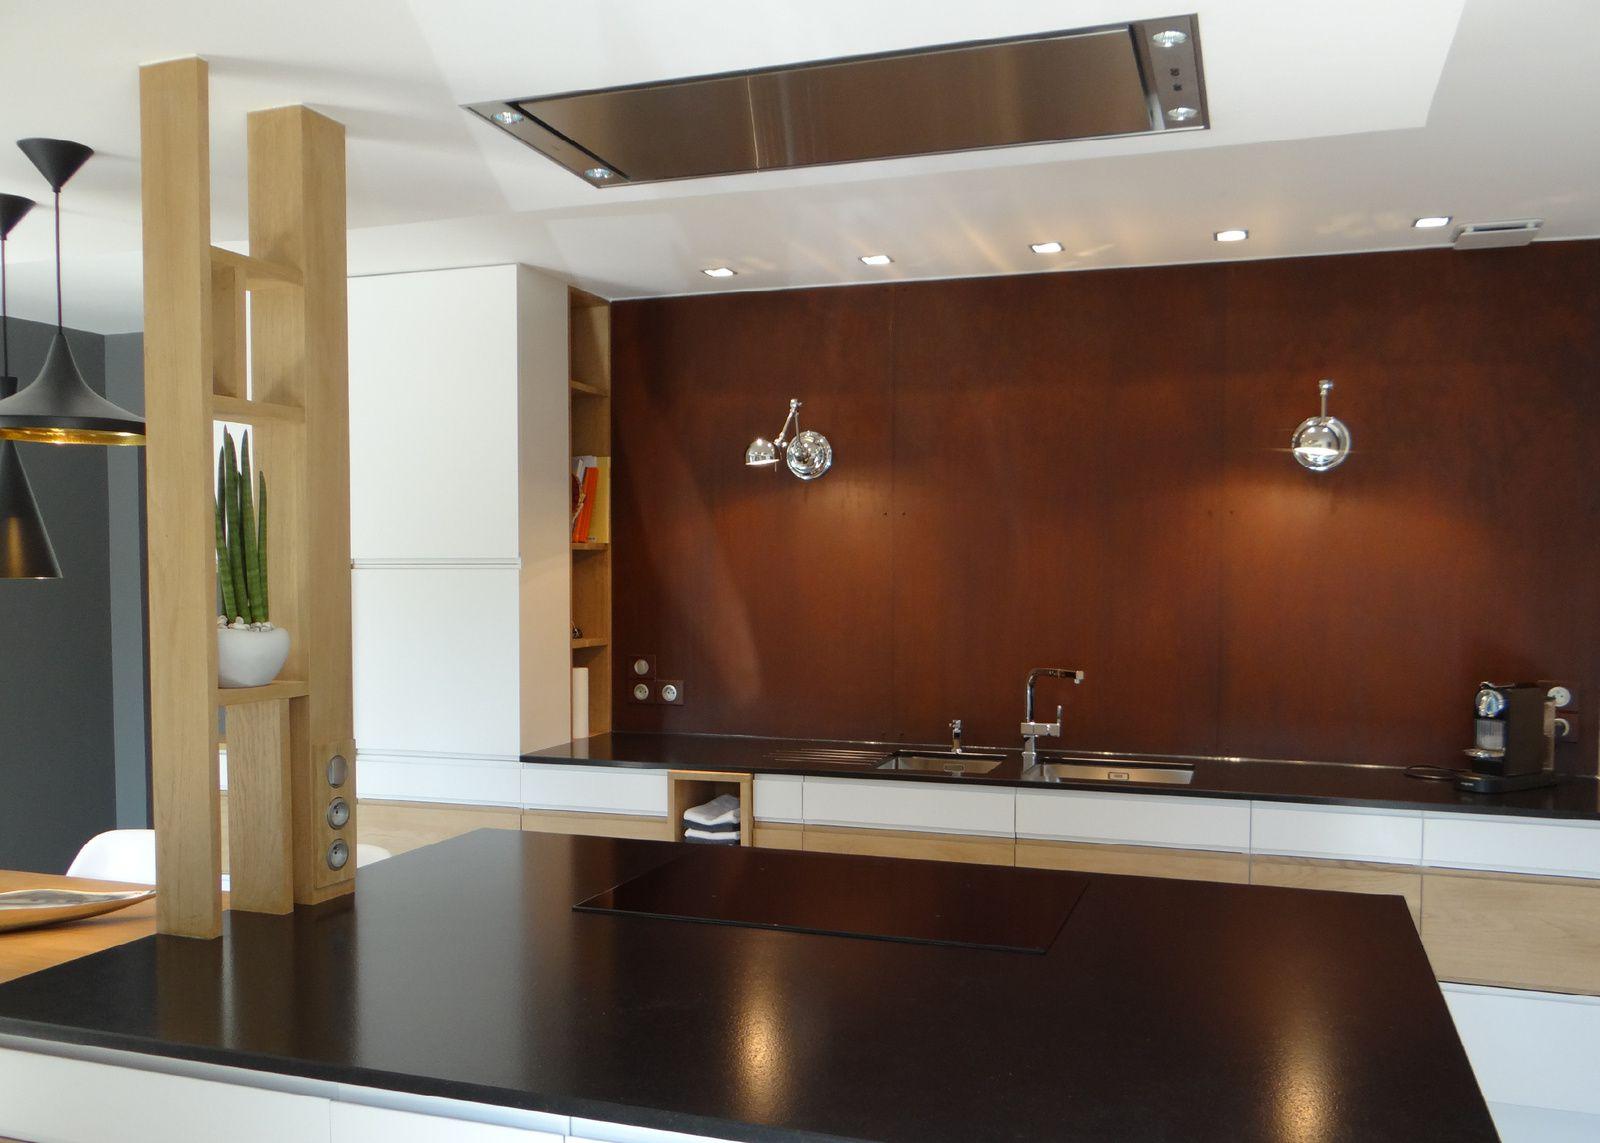 cuisine intégrée ikea